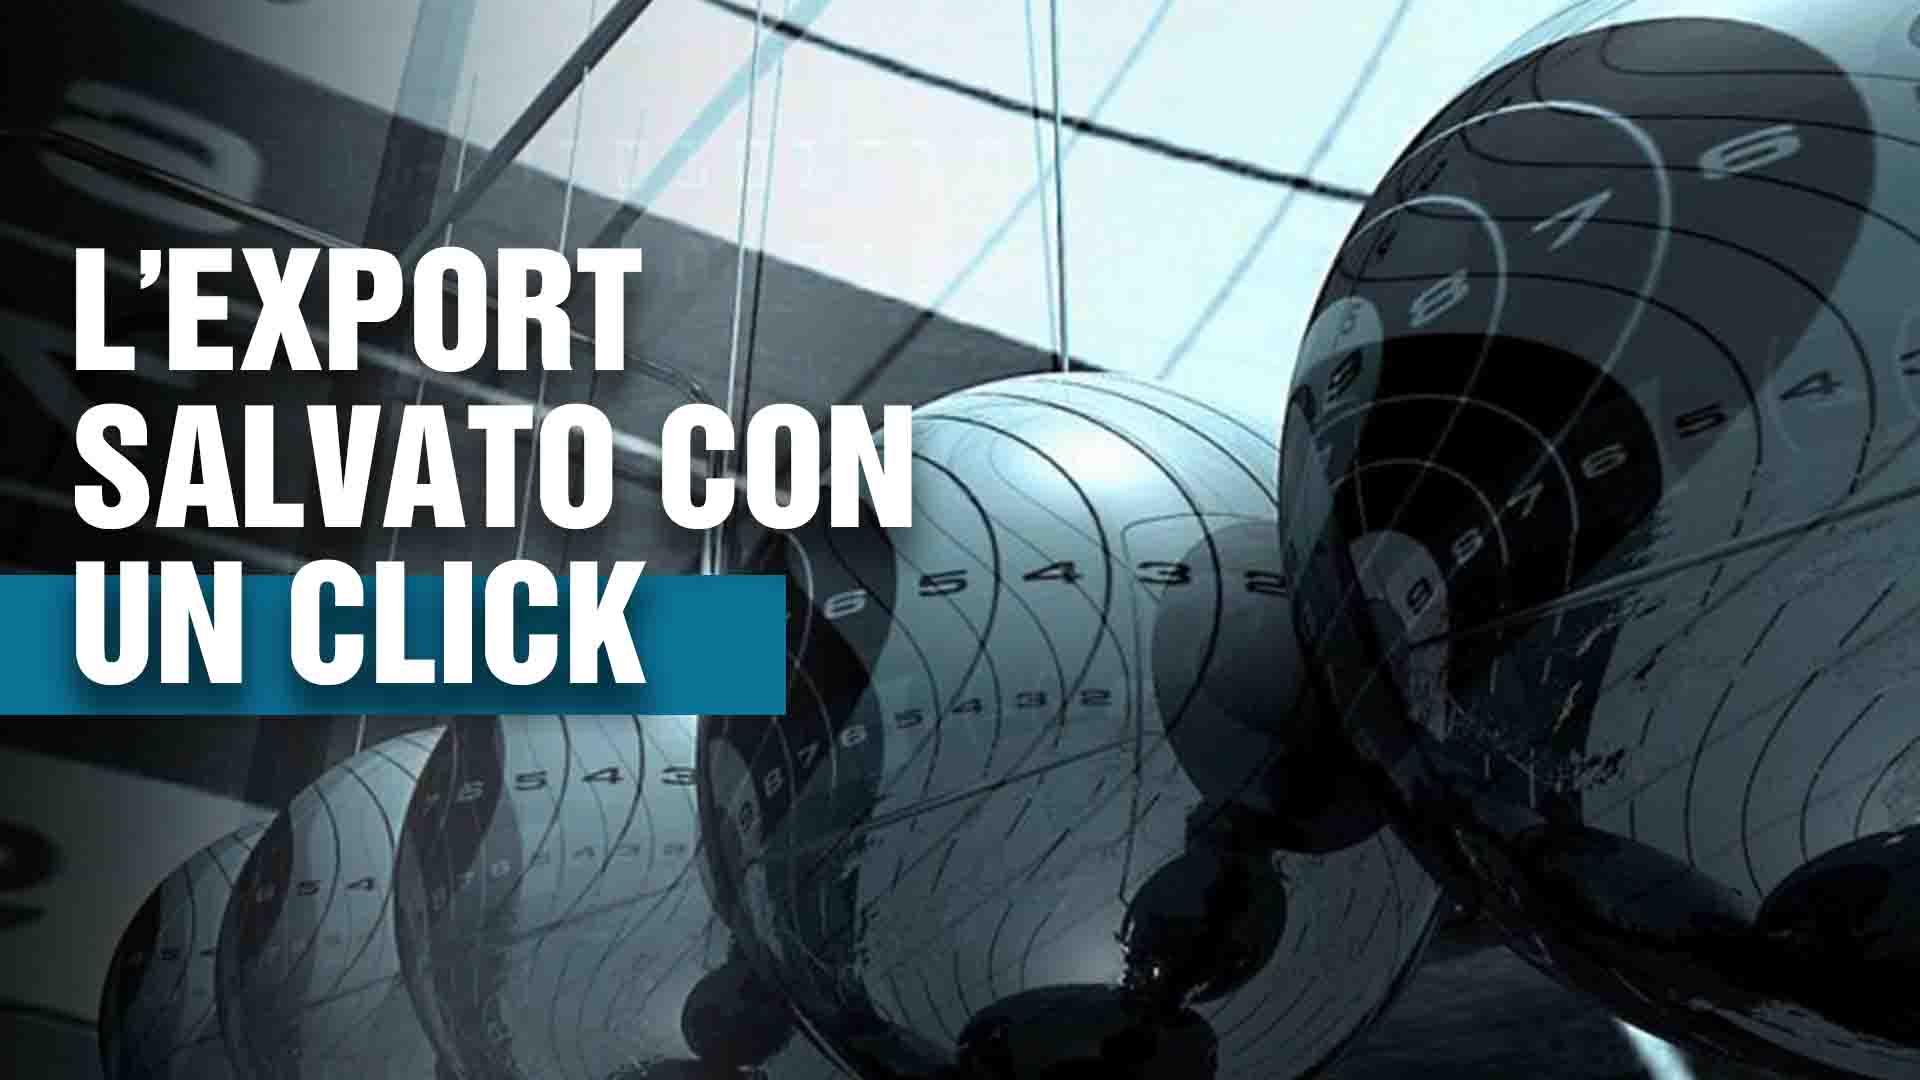 export salvato click